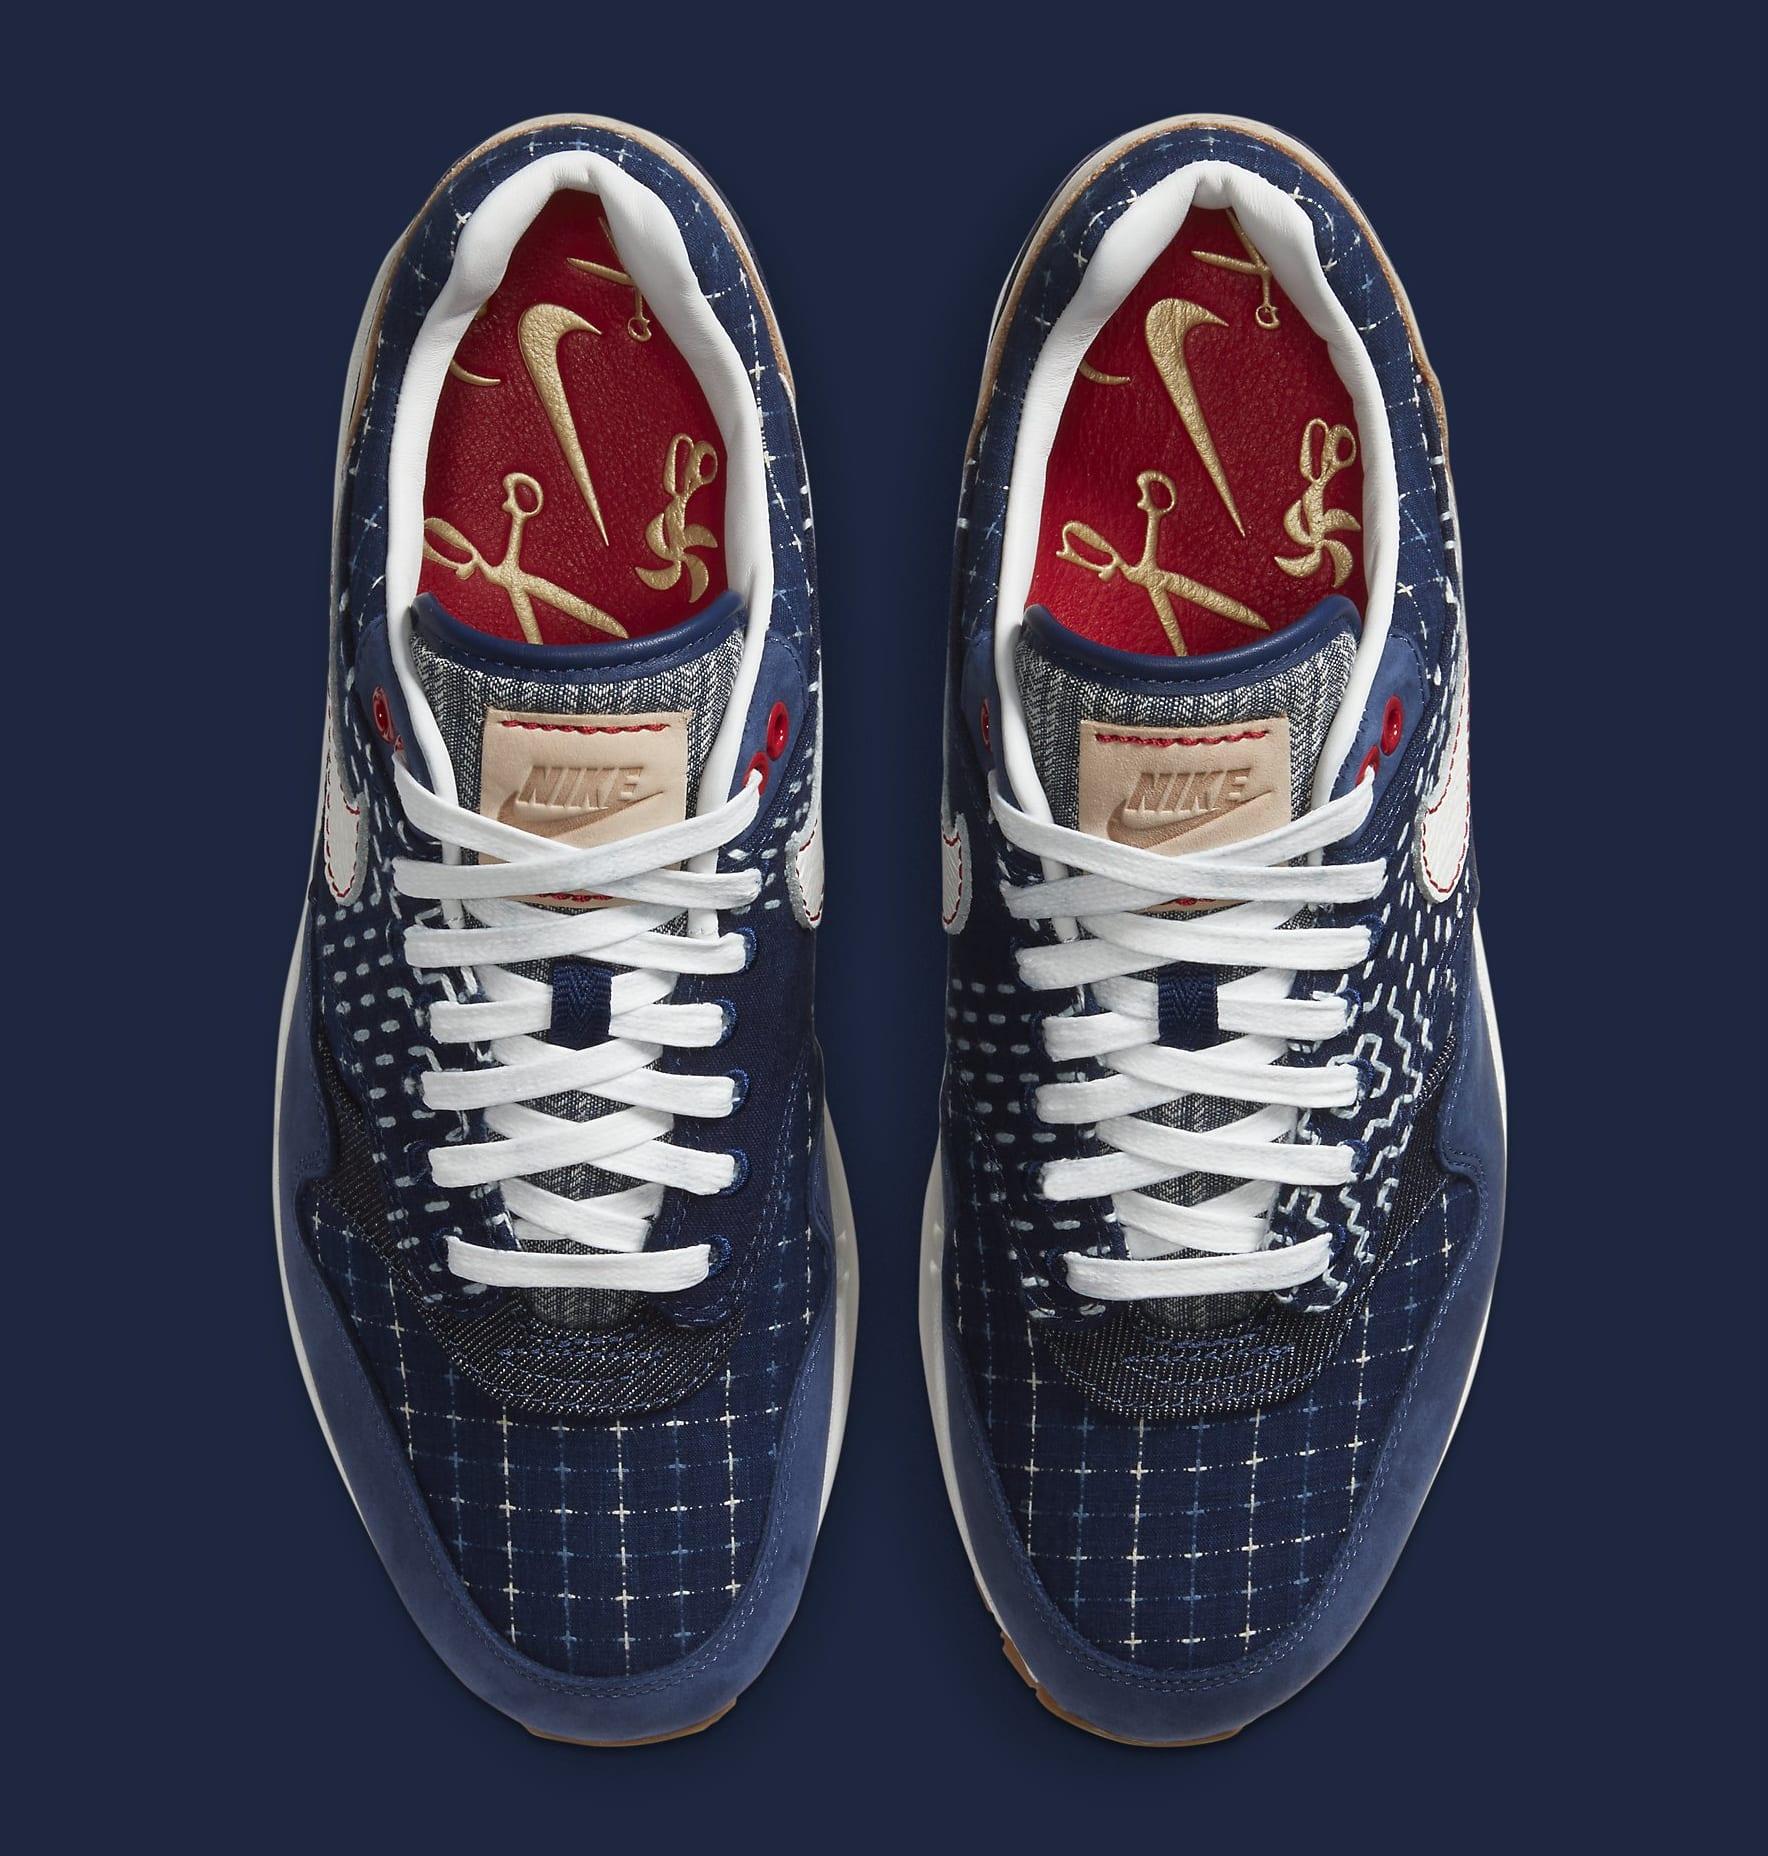 Denham x Nike Air Max 1 CW7603-400 Top